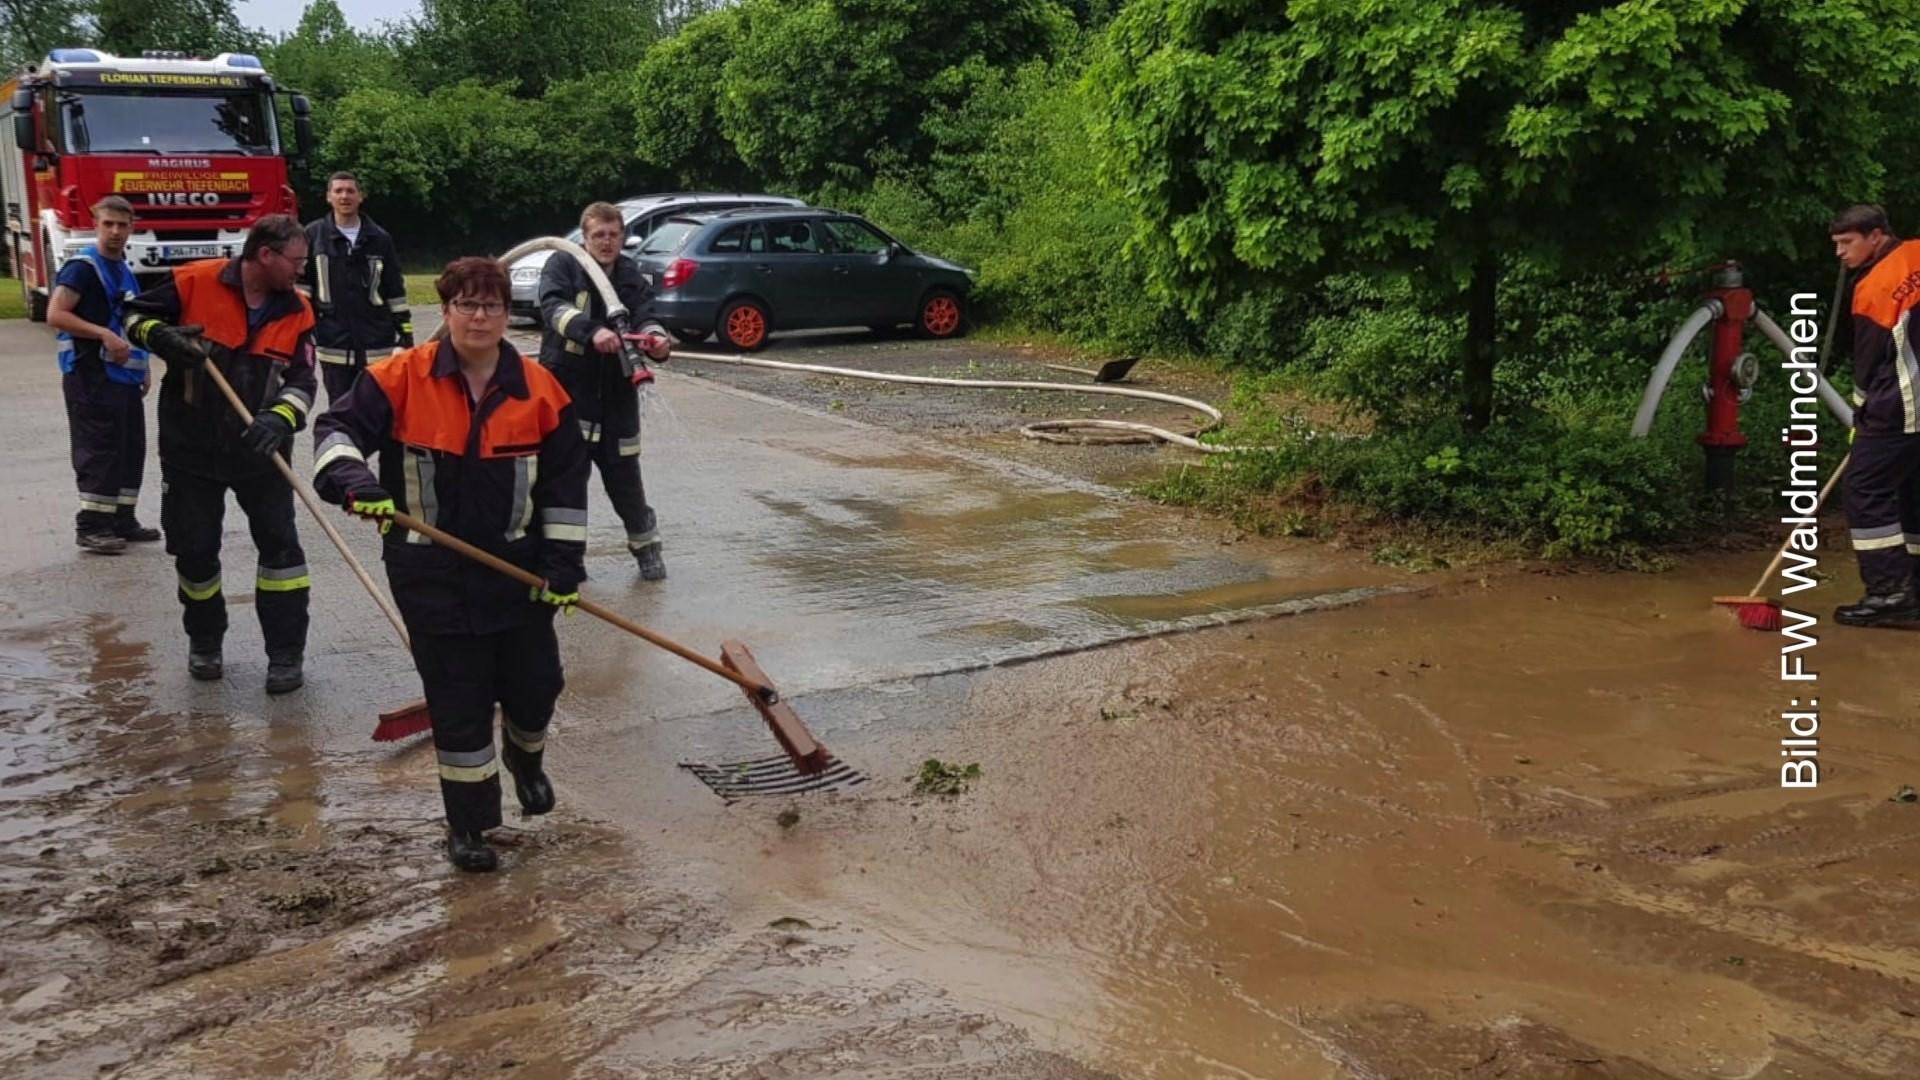 Oberpfalz Schwere Unwetter Viele Einsätze Für Feuerwehr Und